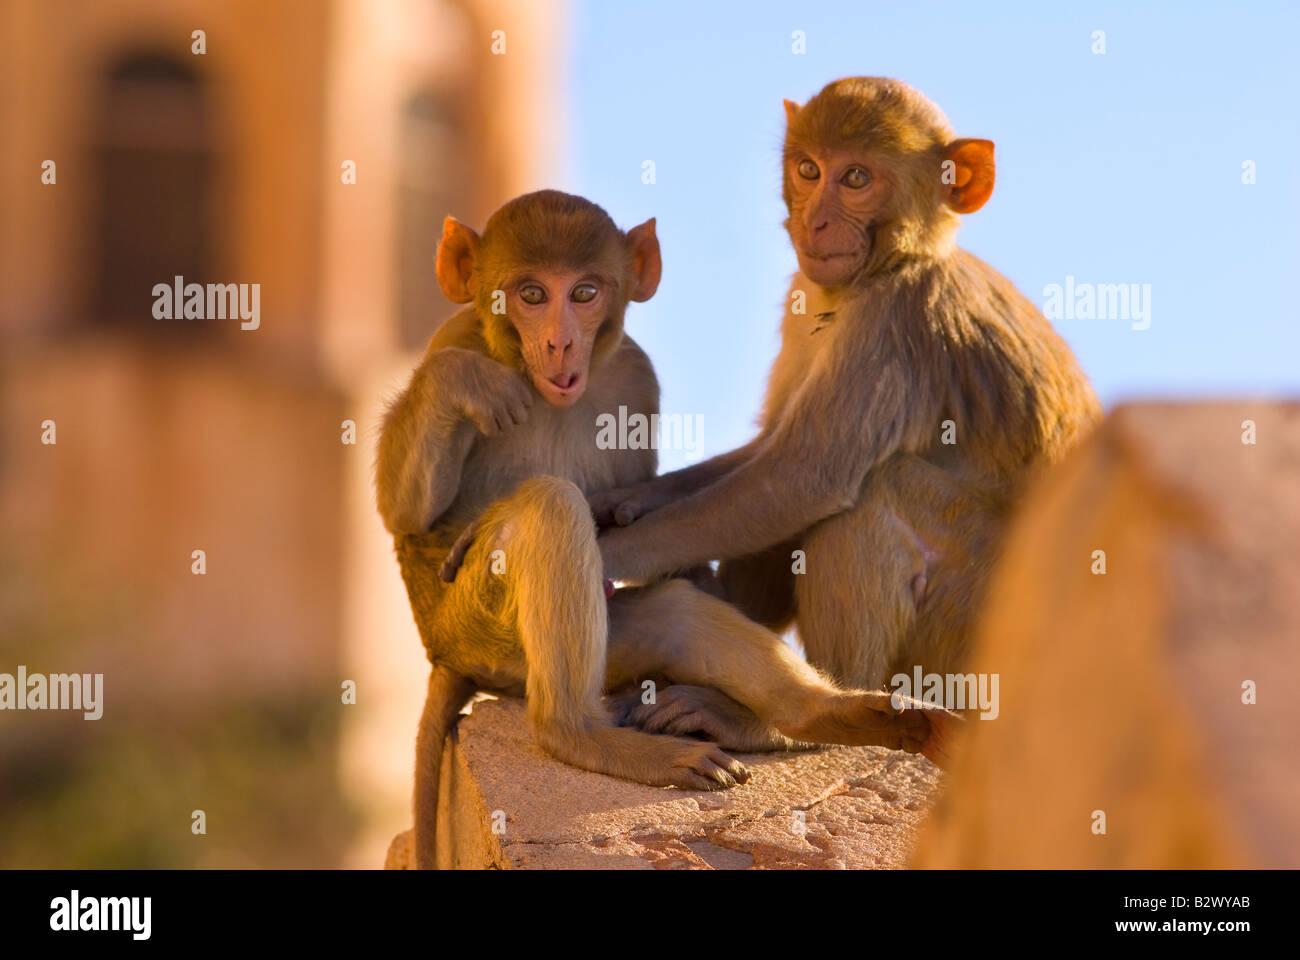 Les singes à Tiger Fort, ville de Jaipur, Rajasthan, Inde, sous-continent indien, en Asie Photo Stock